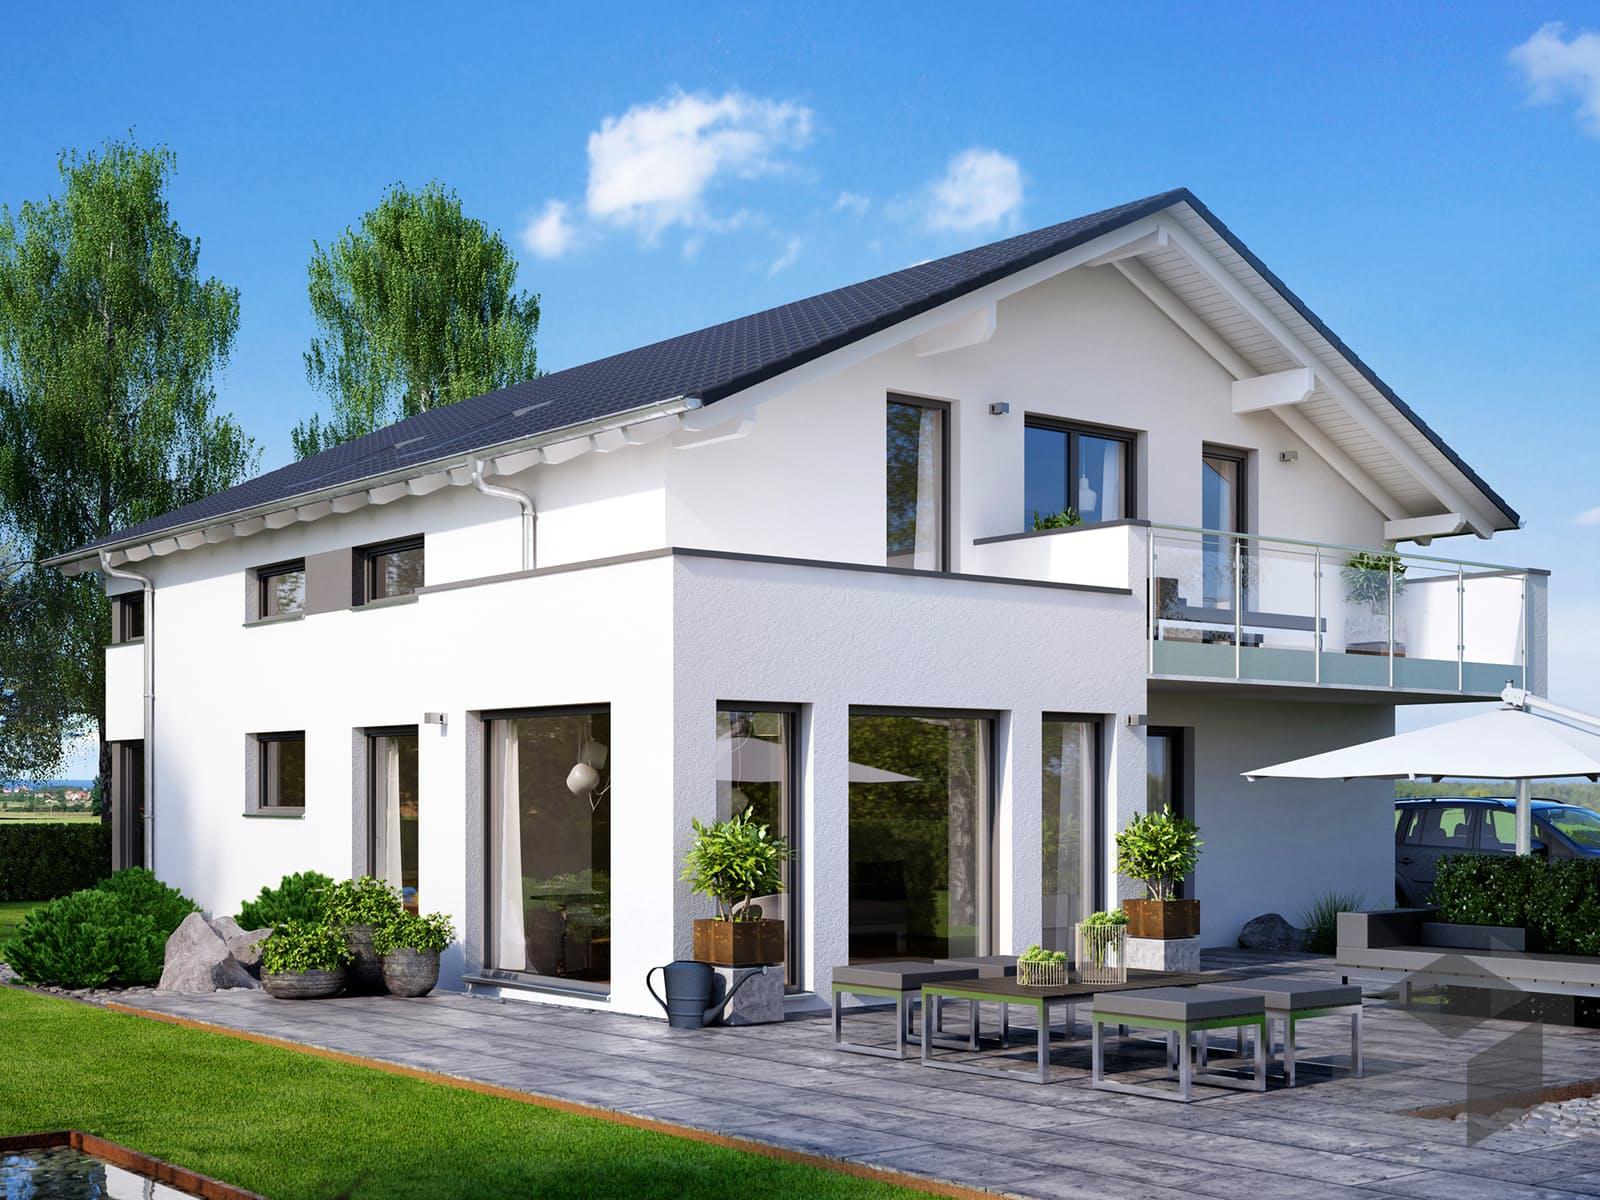 solution 204 v6 v7 von living haus komplette. Black Bedroom Furniture Sets. Home Design Ideas